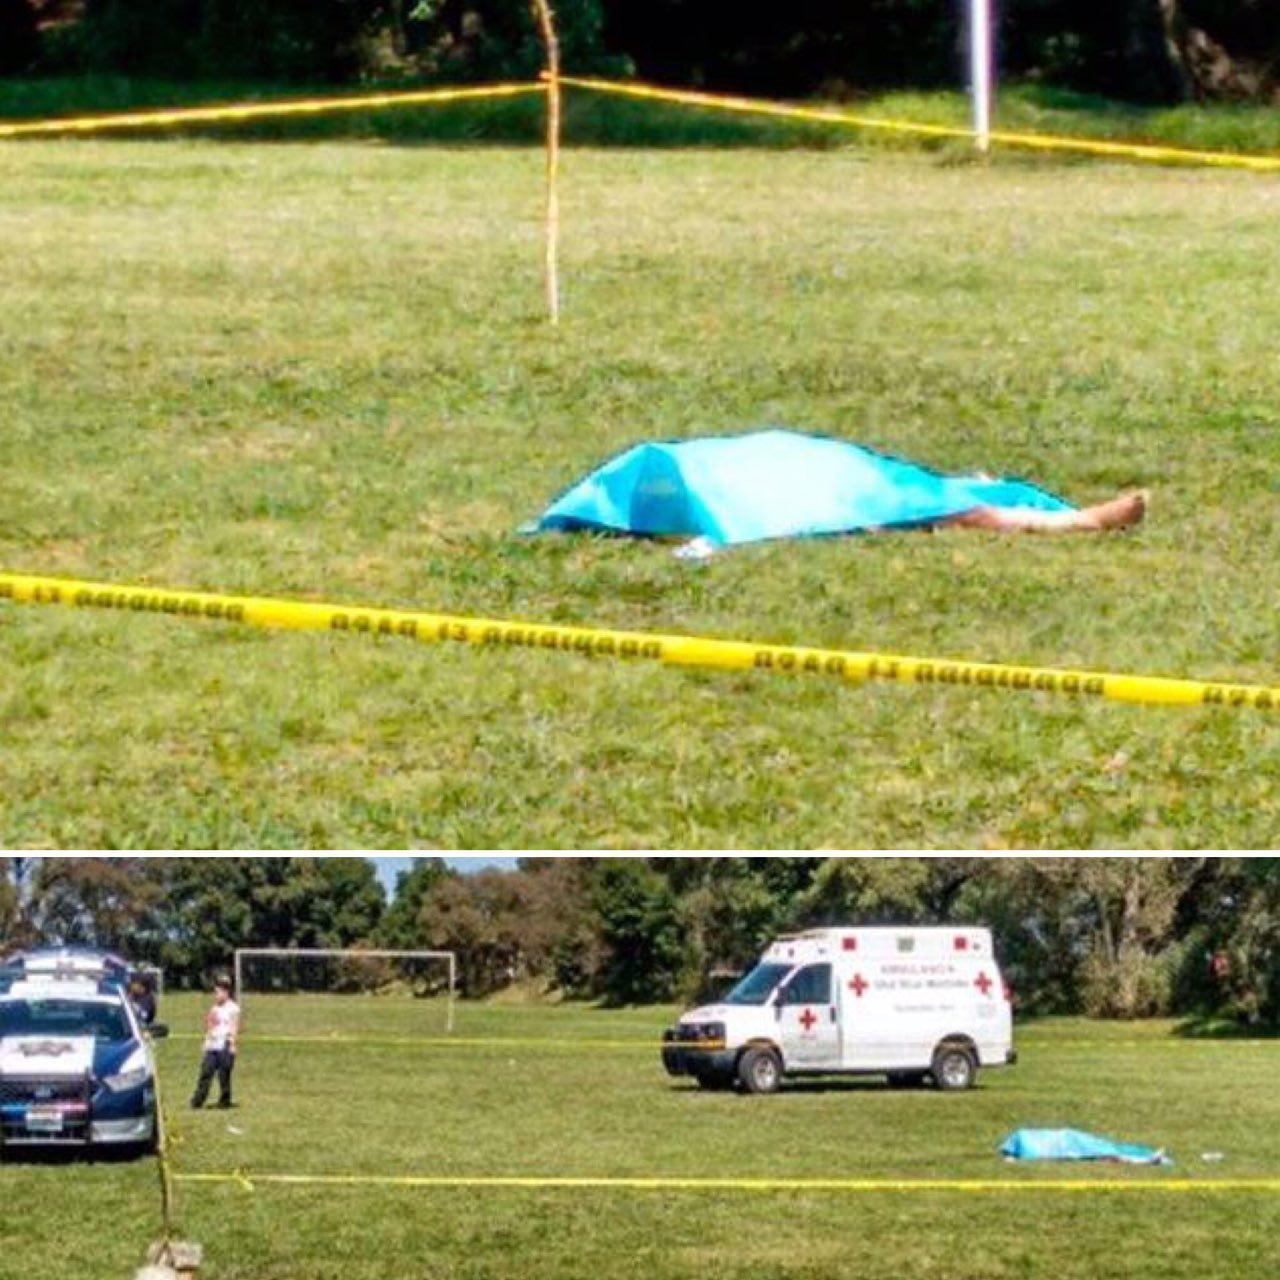 فوتبالیست پس از قتل داور فراری شد